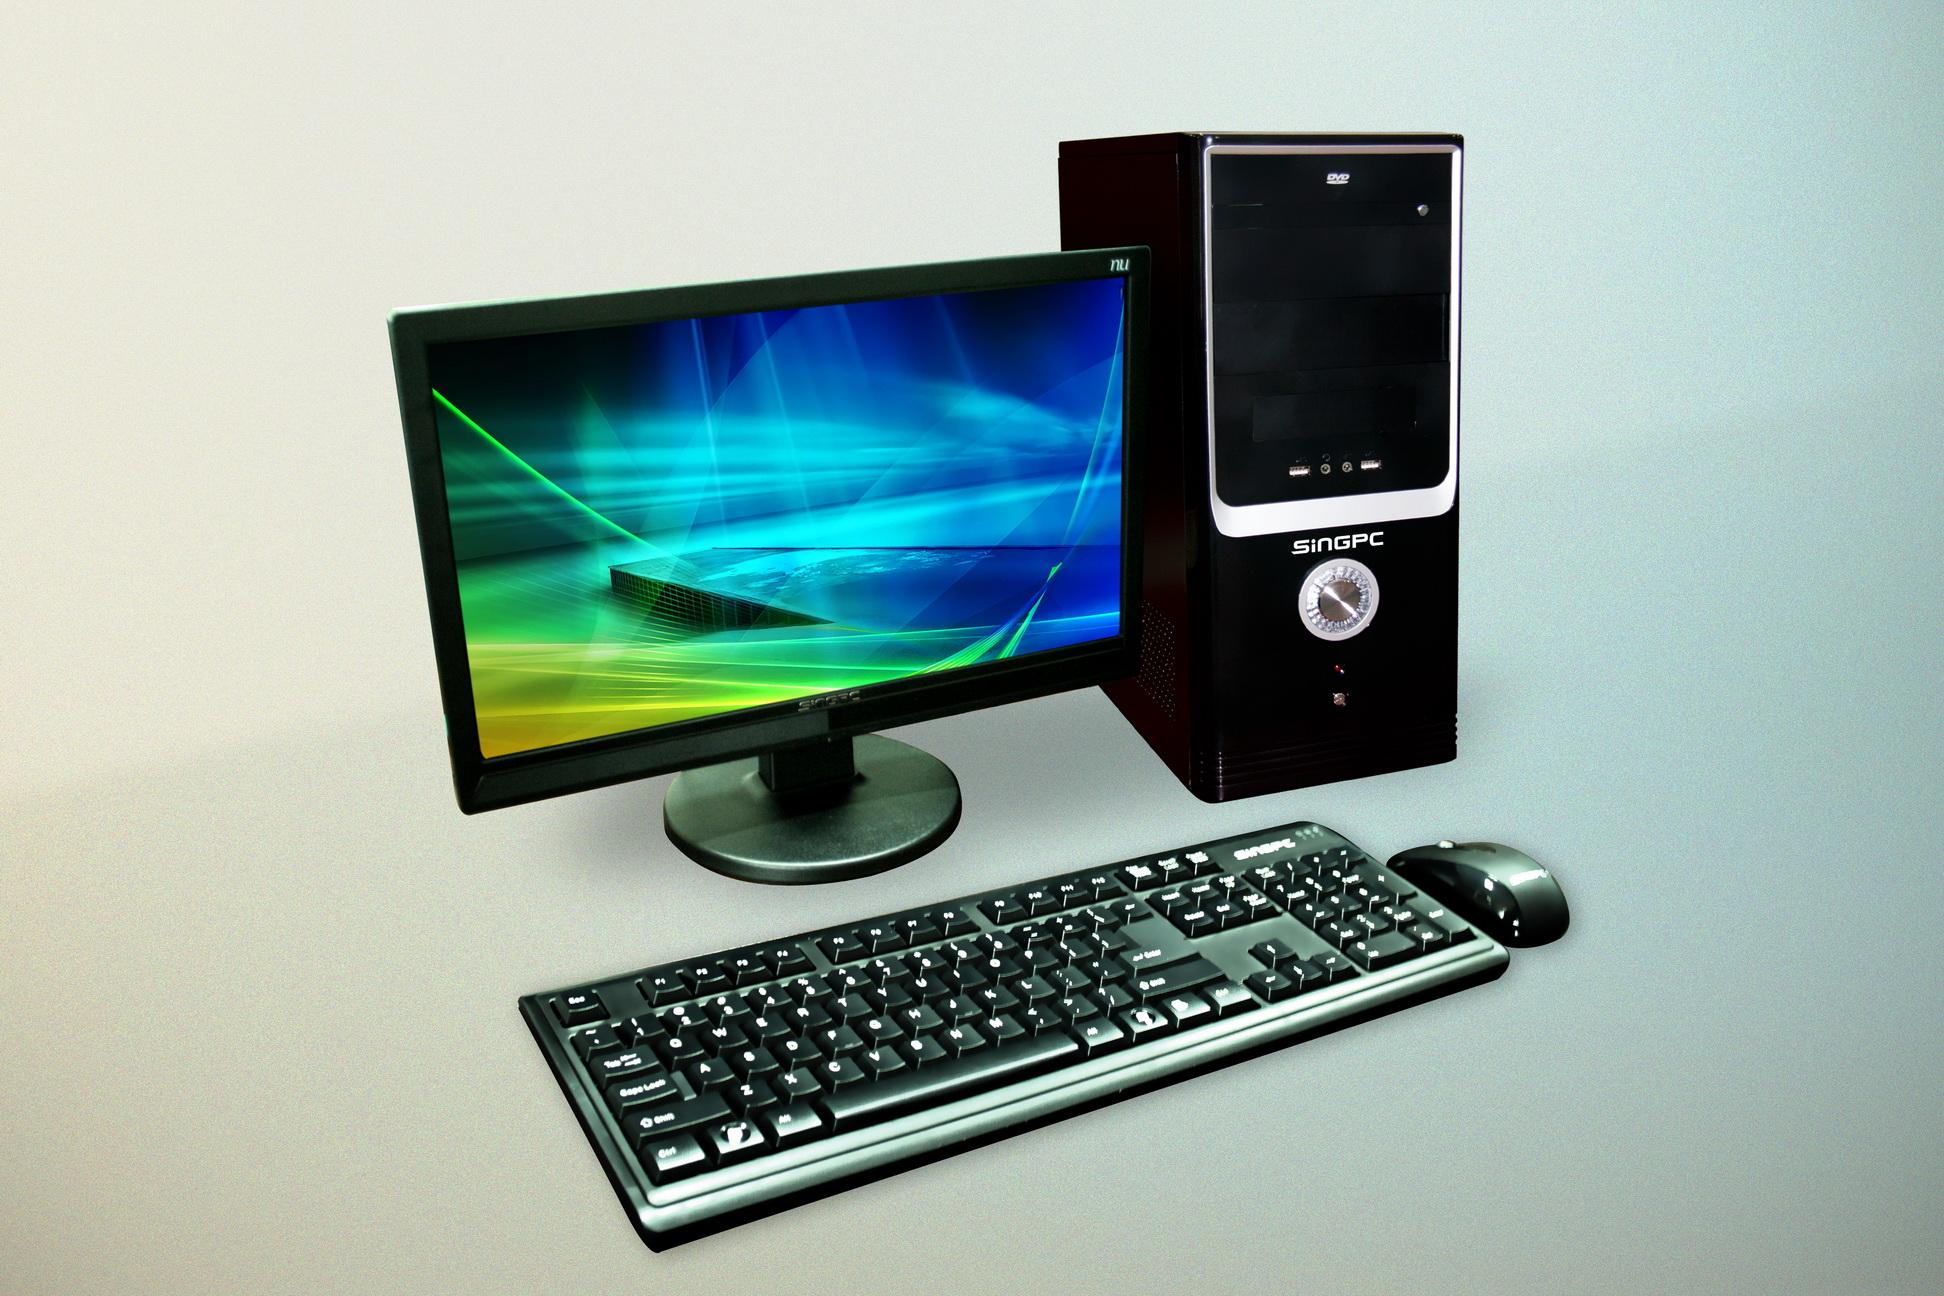 Cung cấp máy tính quận 4